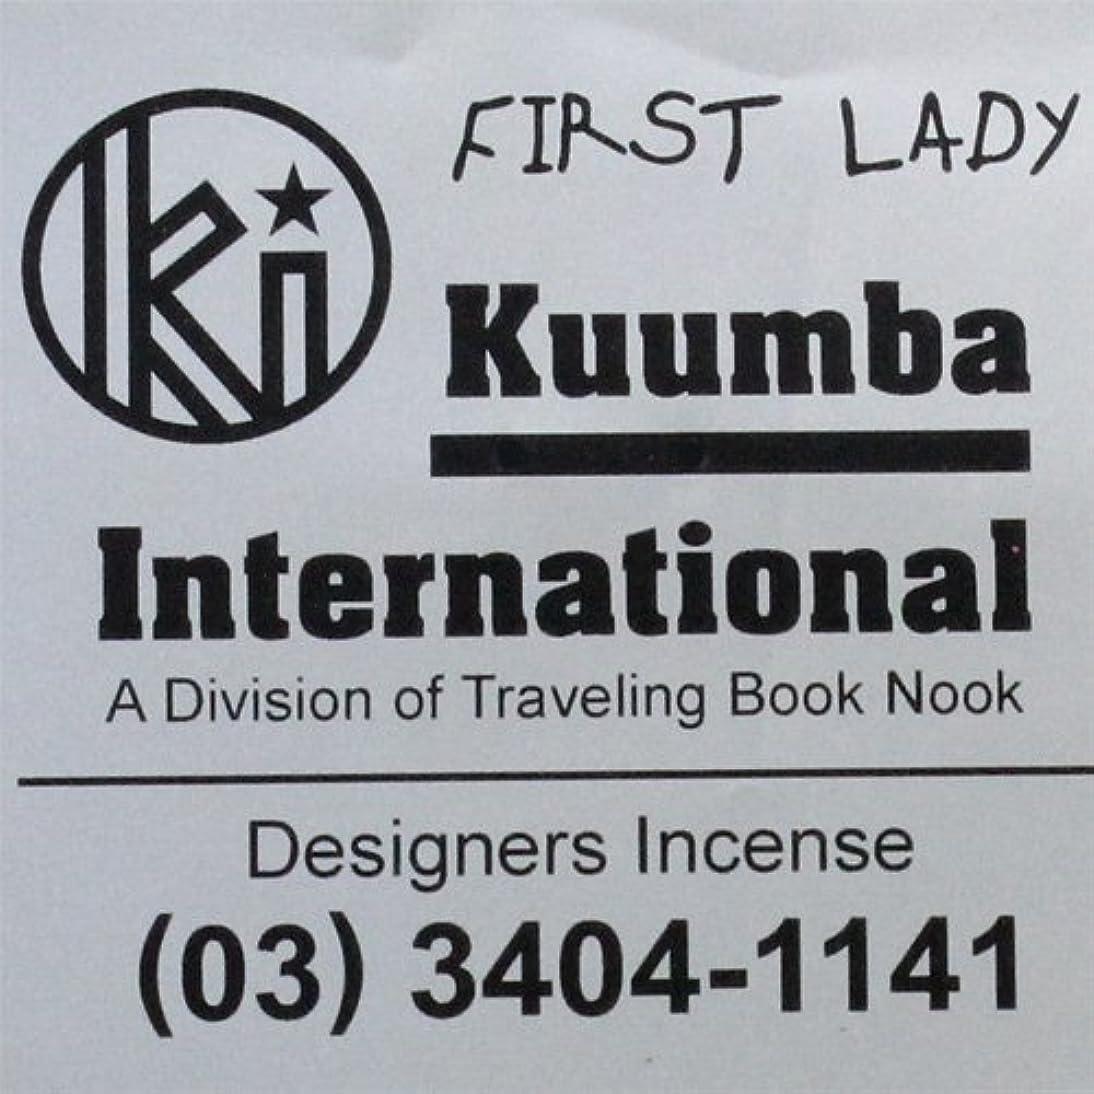 従事した虚弱第九KUUMBA / クンバ『incense』(First Lady) (Regular size)